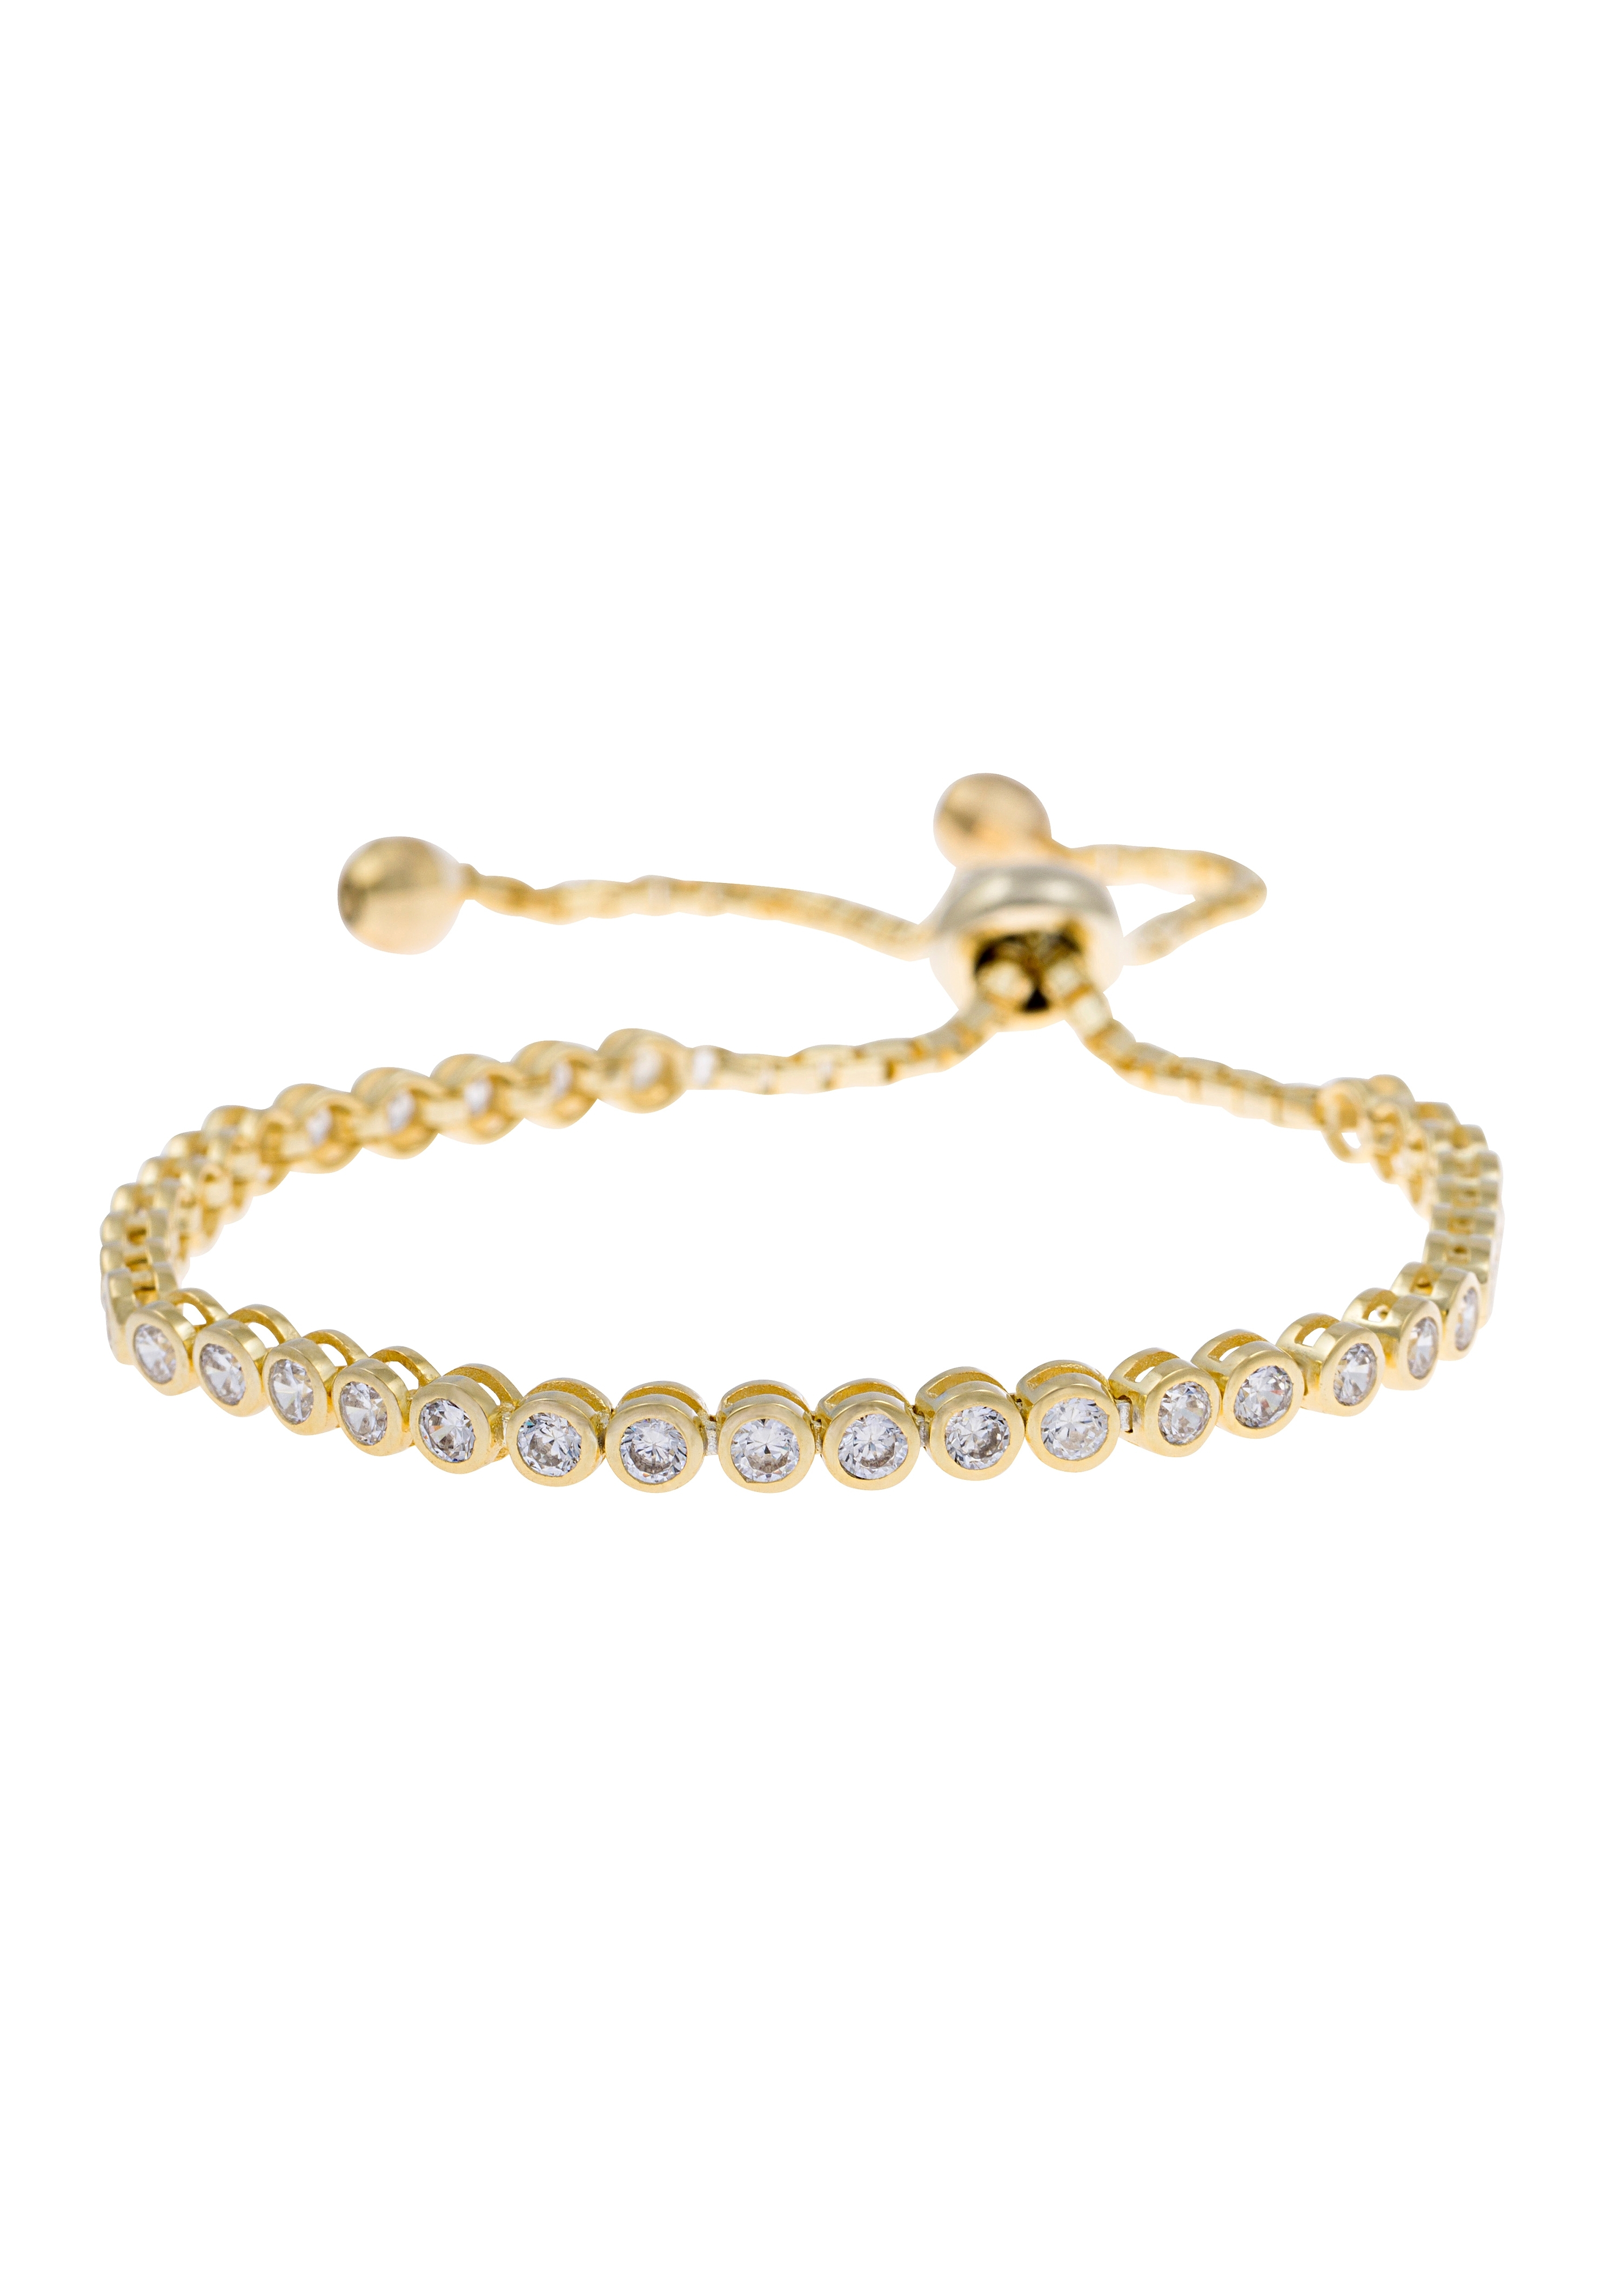 Firetti Armsieraad: armband met zirkoontjes, in grootte verstelbaar grendelslot bij OTTO online kopen